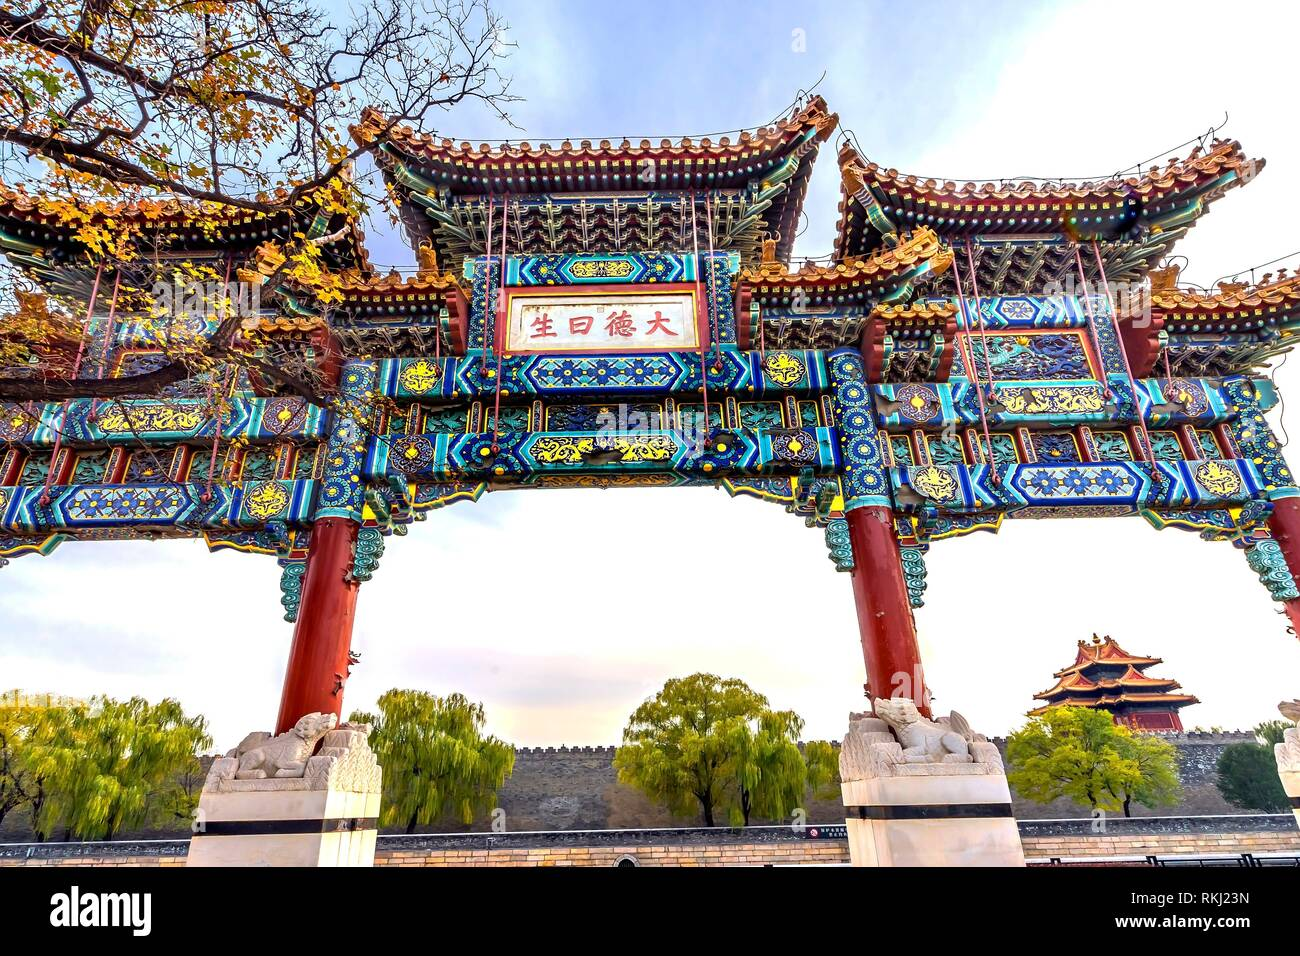 Kunstvollen chinesischen Tor Pfeil Watch Tower Gugong Verbotene Stadt Peking, China. Der Kaiserpalast in den 1600er Jahren in der Ming Dynastie errichtet. Die Englische Stockfoto